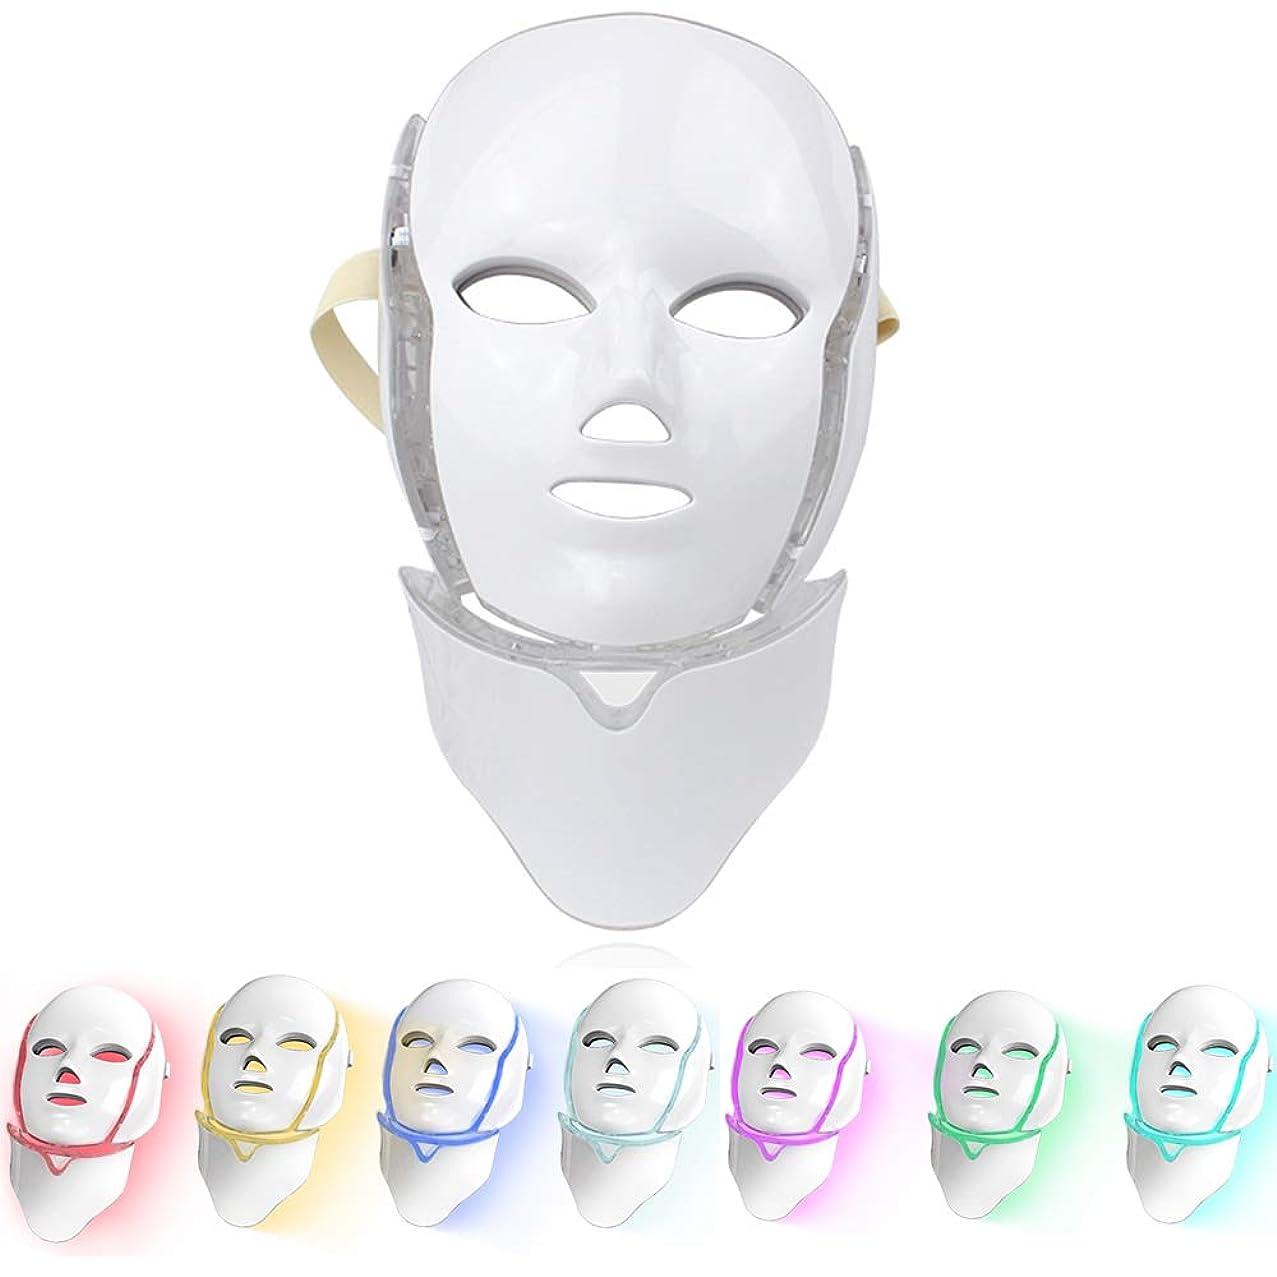 沿って一緒電子レンジLED光線療法マスク(ネック付き)7色光線治療スキンケア美容光線療法アンチエイジングアクネリンクルマスク